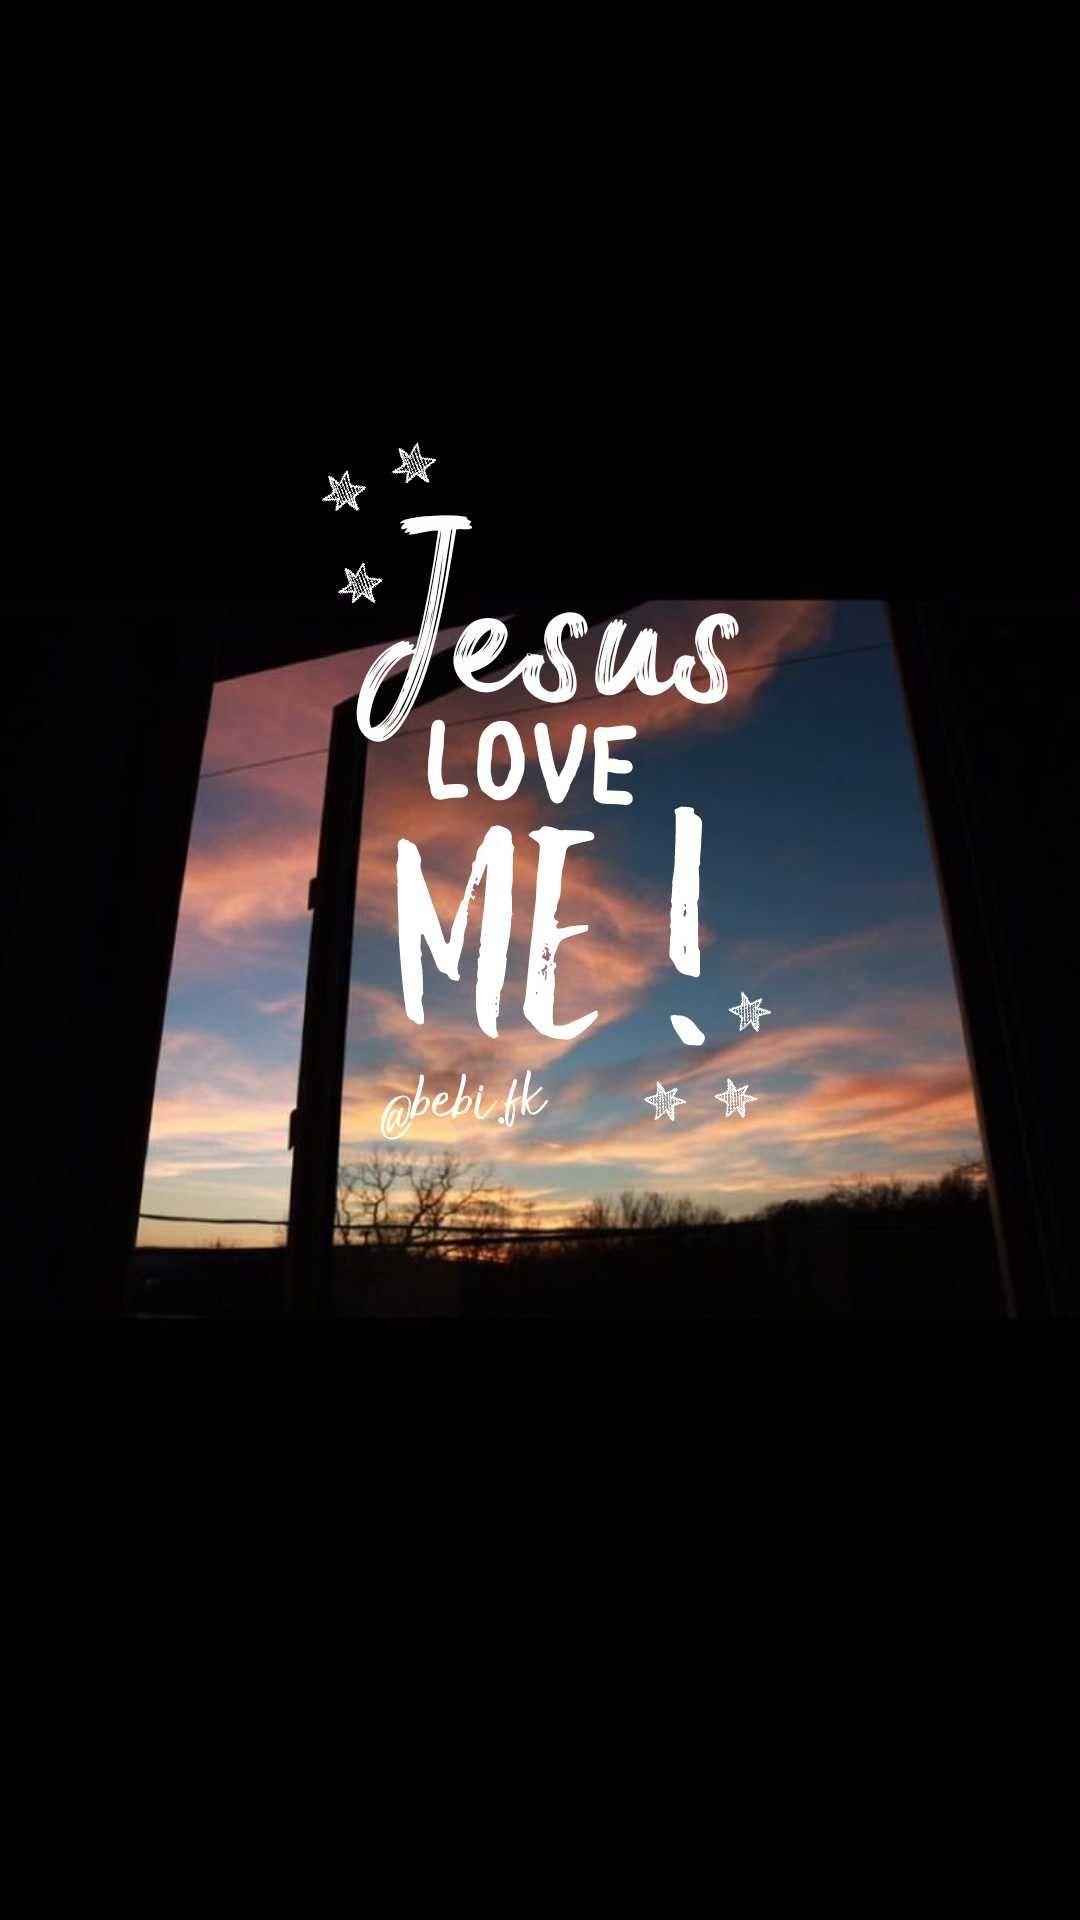 Jesus Loves Me Wallpaper : jesus, loves, wallpaper, Jesus, Loves, Wallpaper, Posted, Christopher, Cunningham